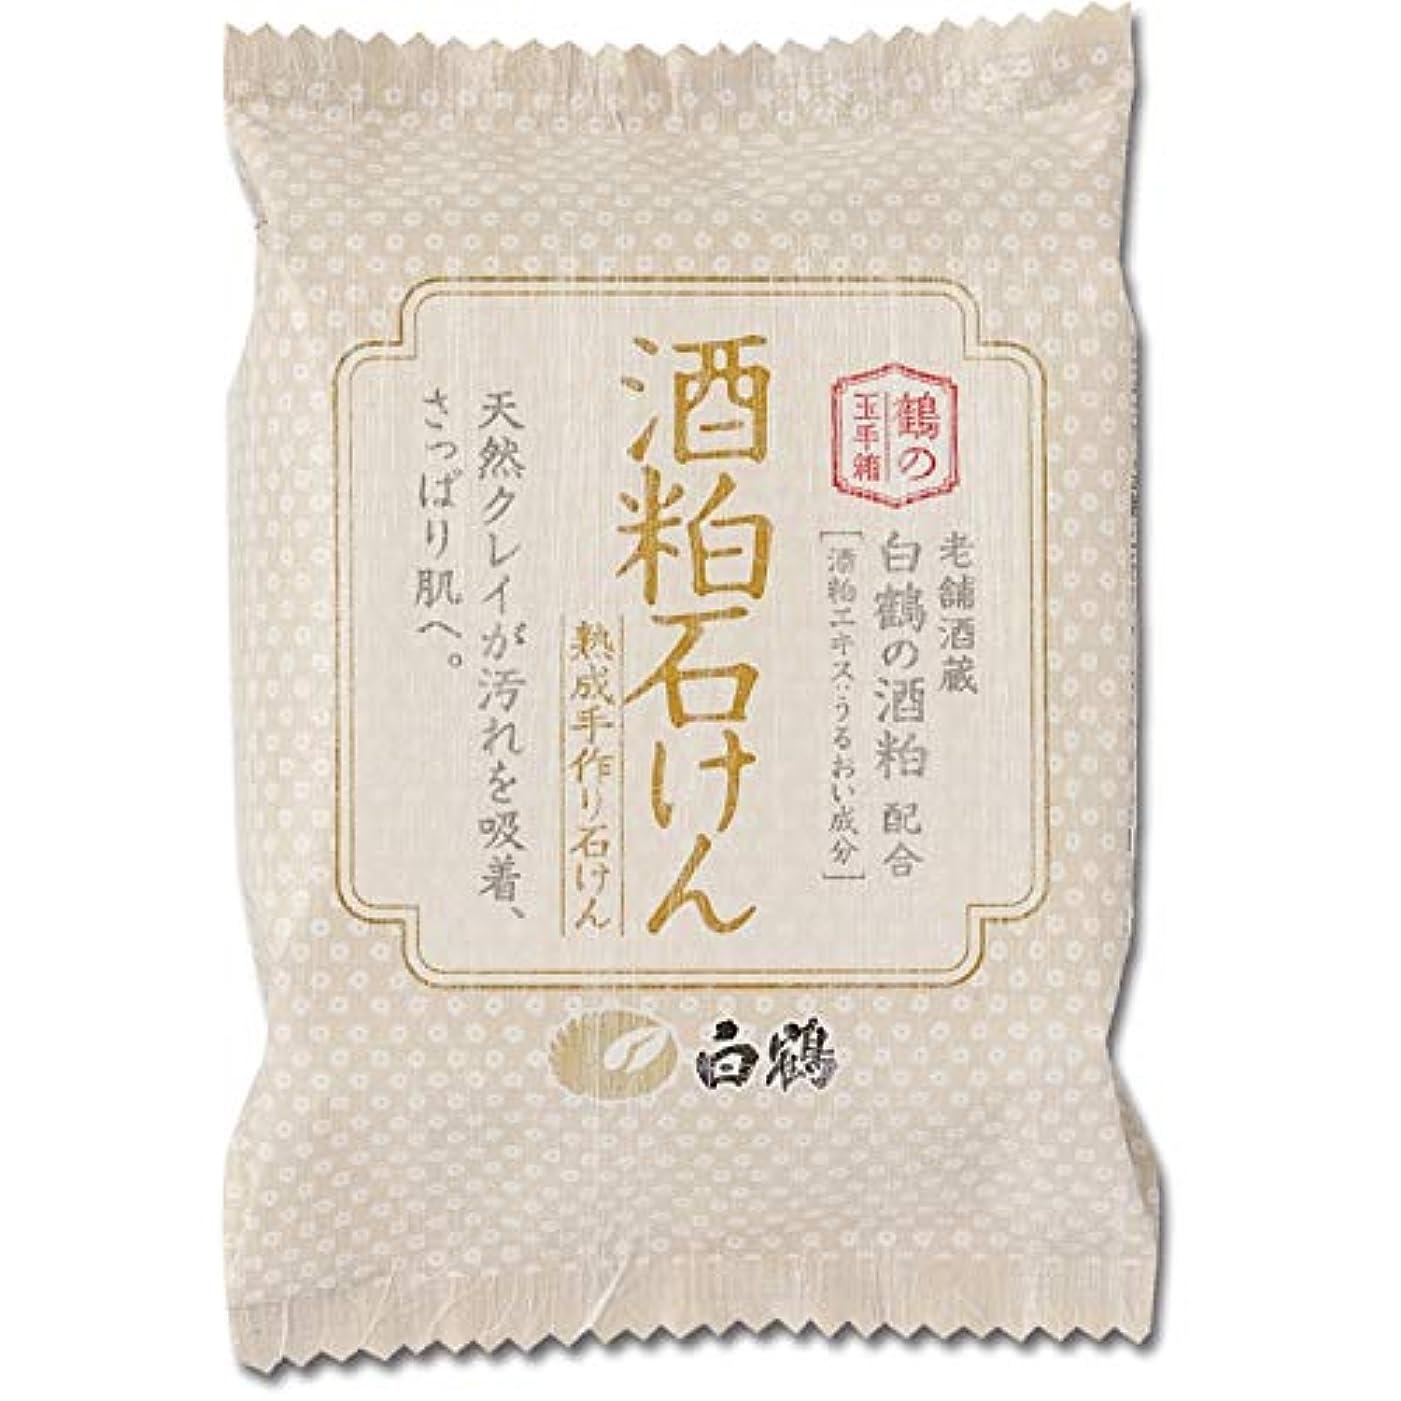 リッチ収縮脱臼する白鶴 鶴の玉手箱 酒粕石けん 100g (全身用石鹸)